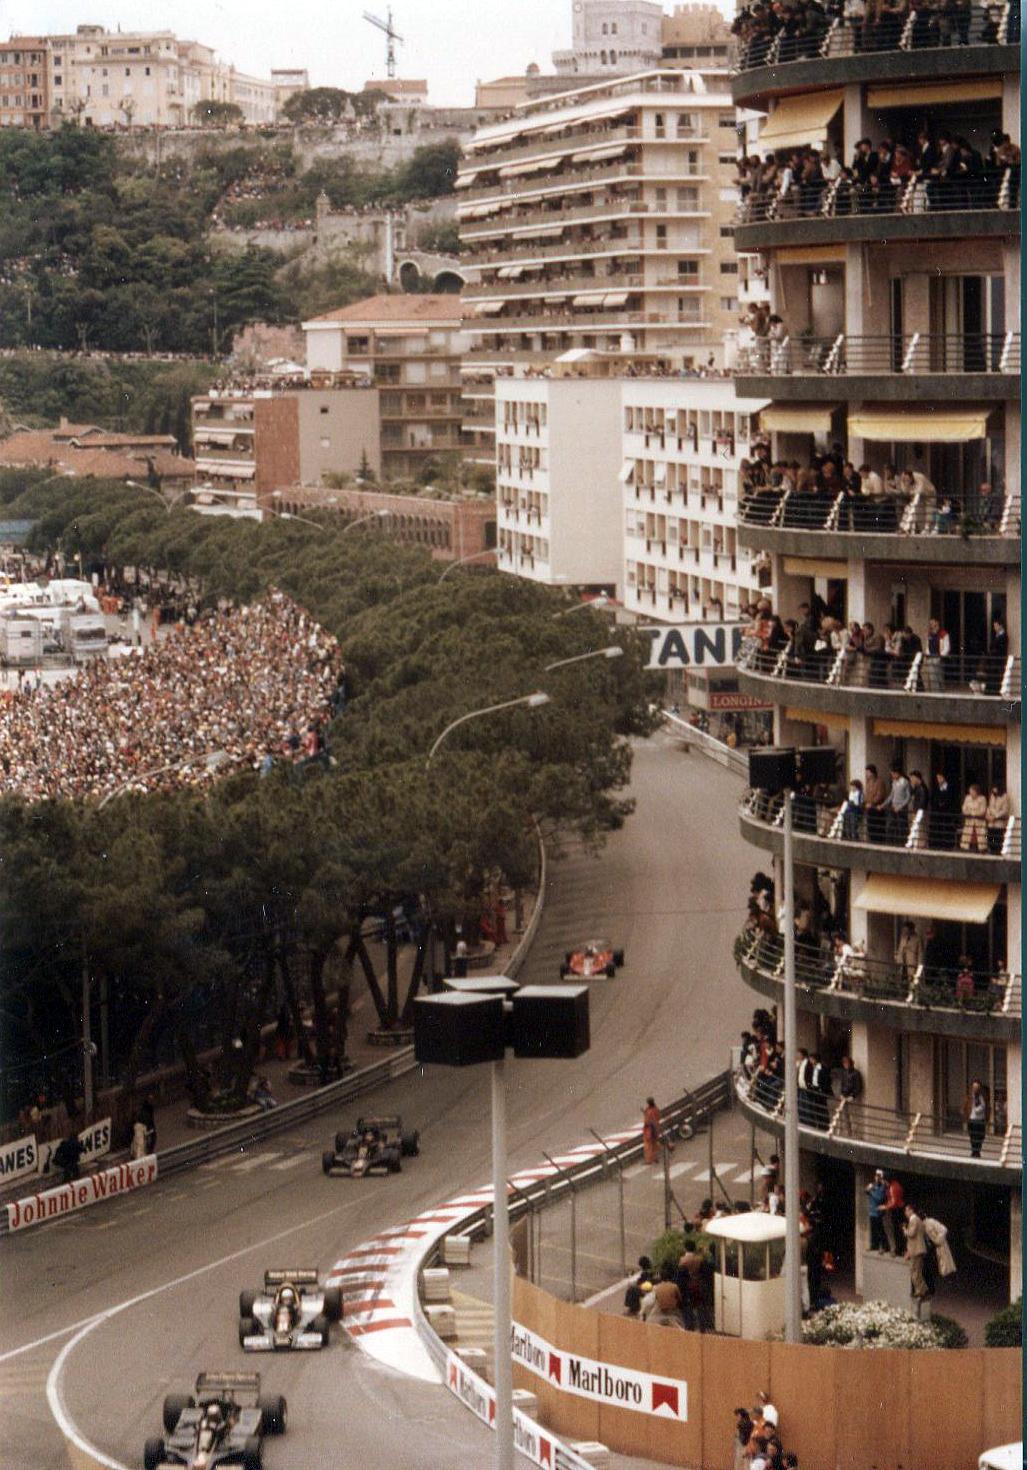 Monte Carlo race track 2